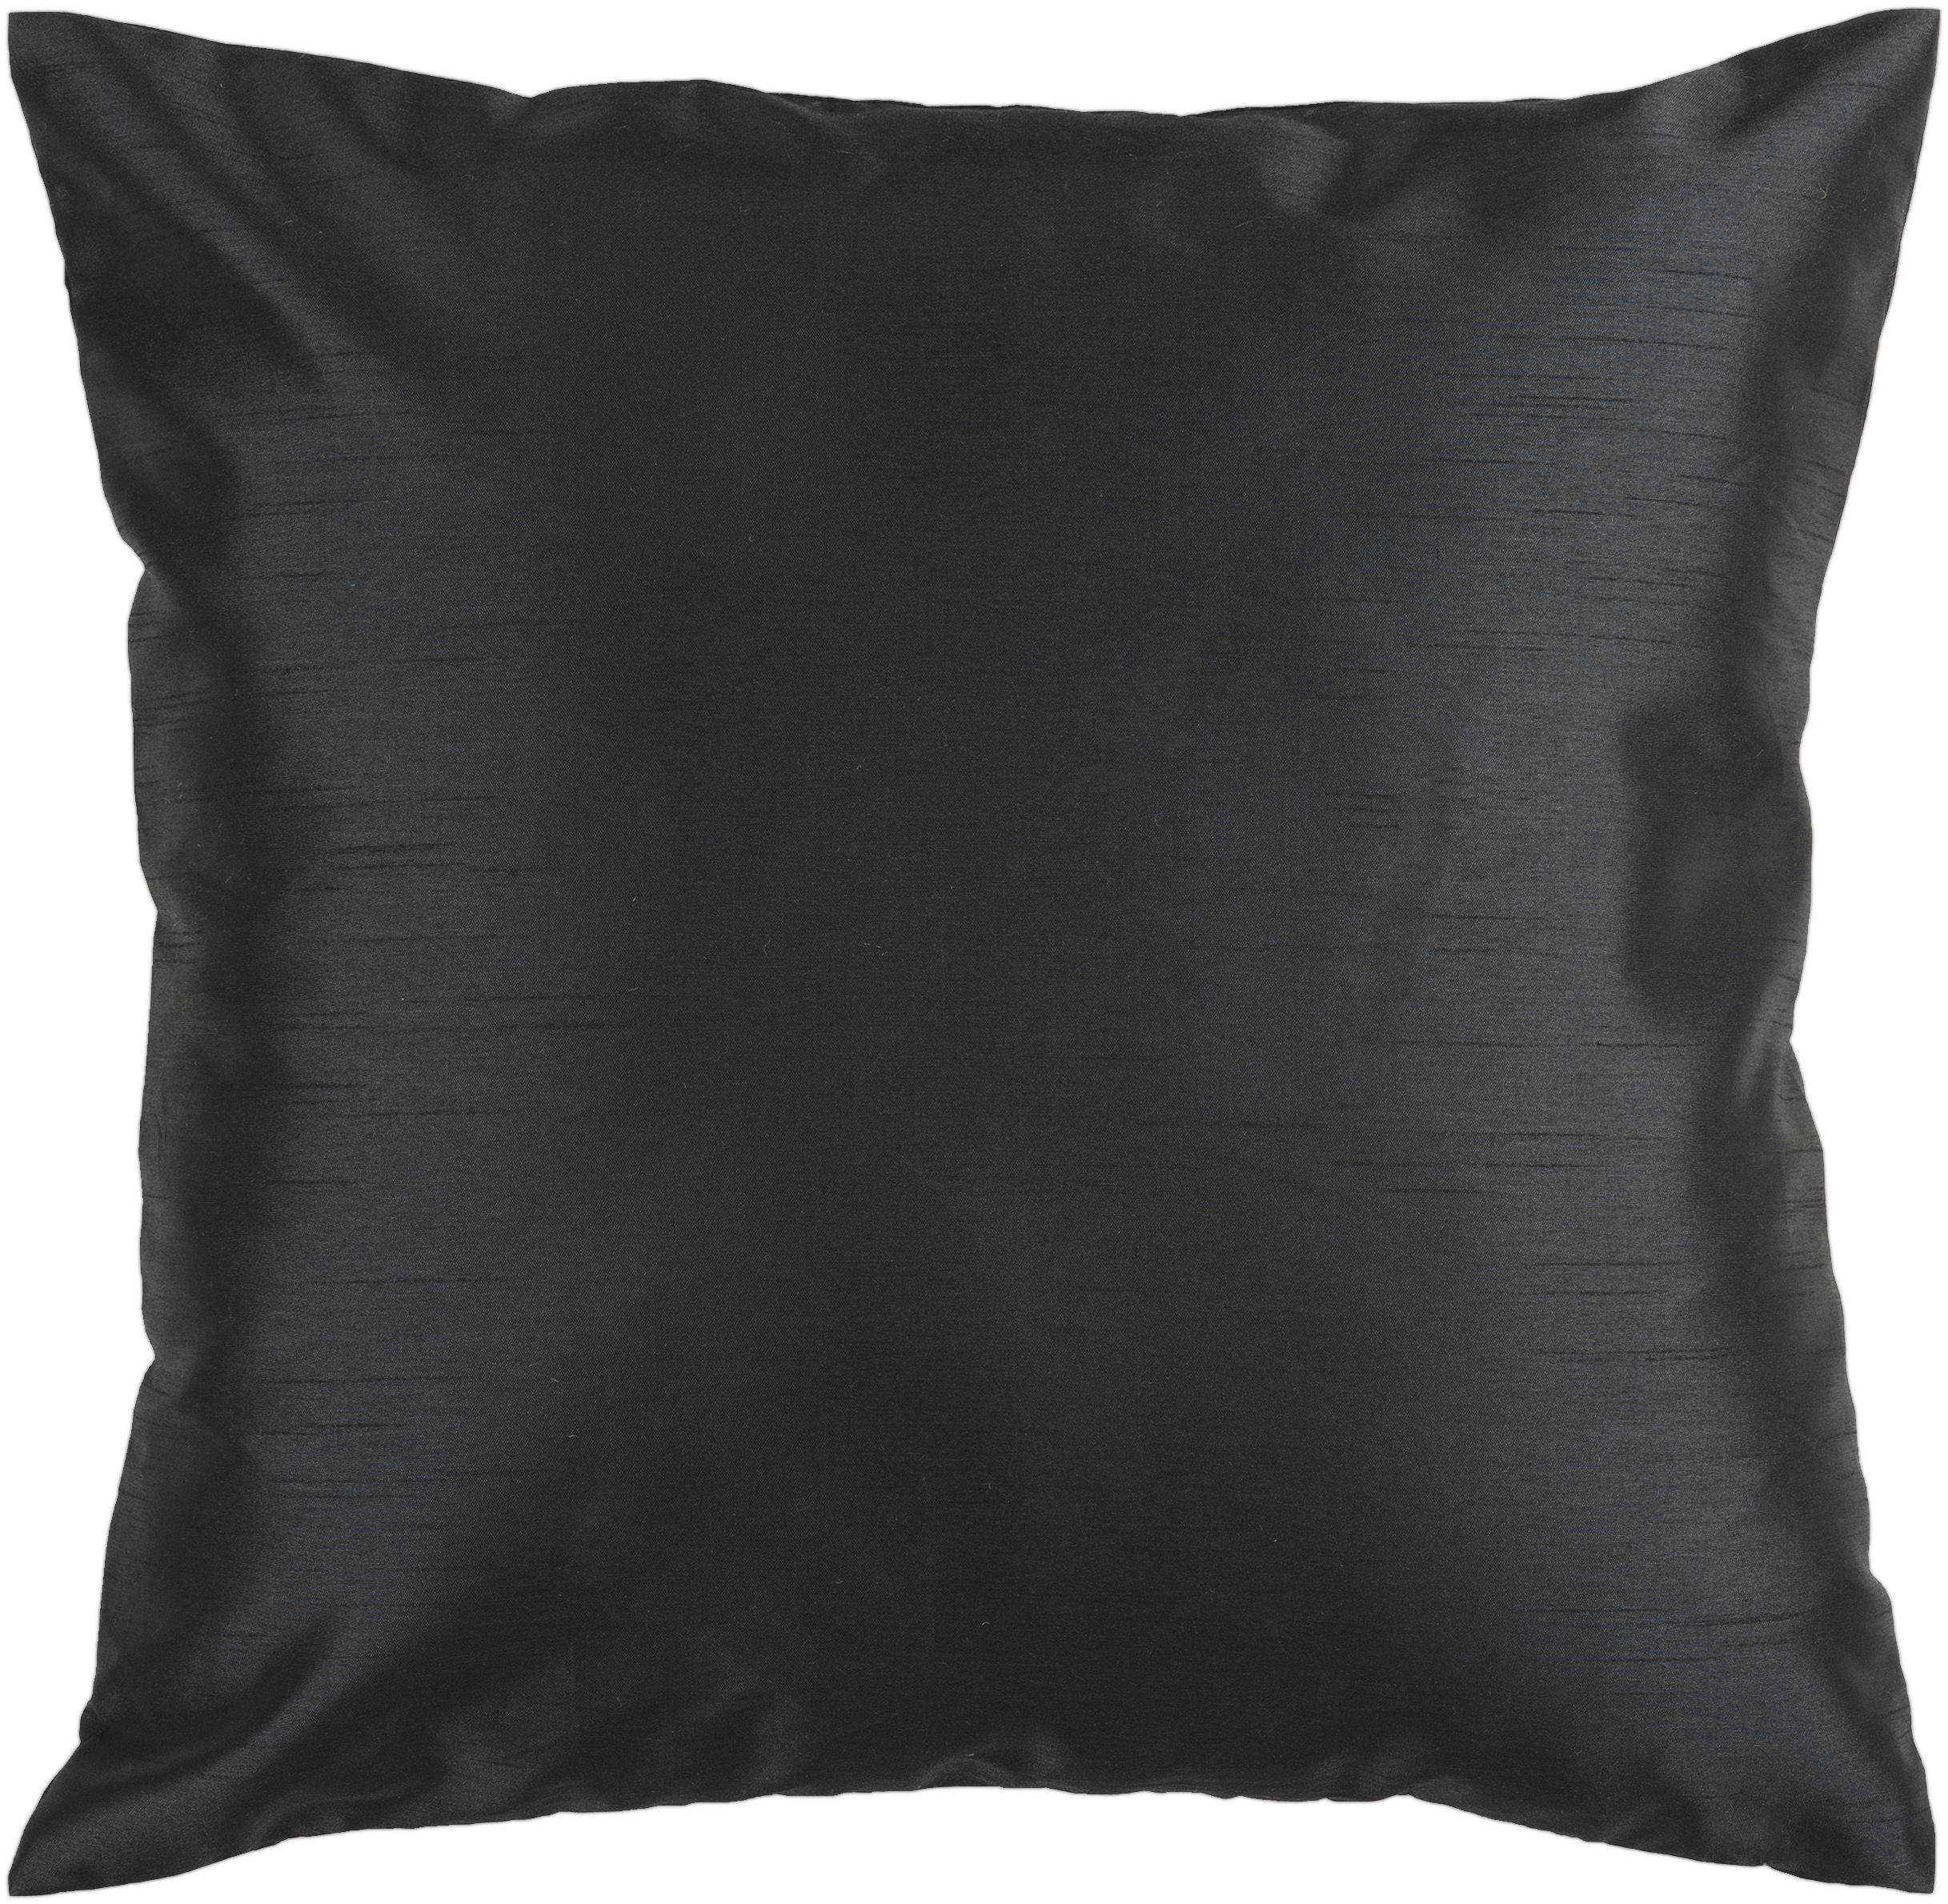 """Surya Pillows 22"""" x 22"""" Pillow - Item Number: HH037-2222P"""